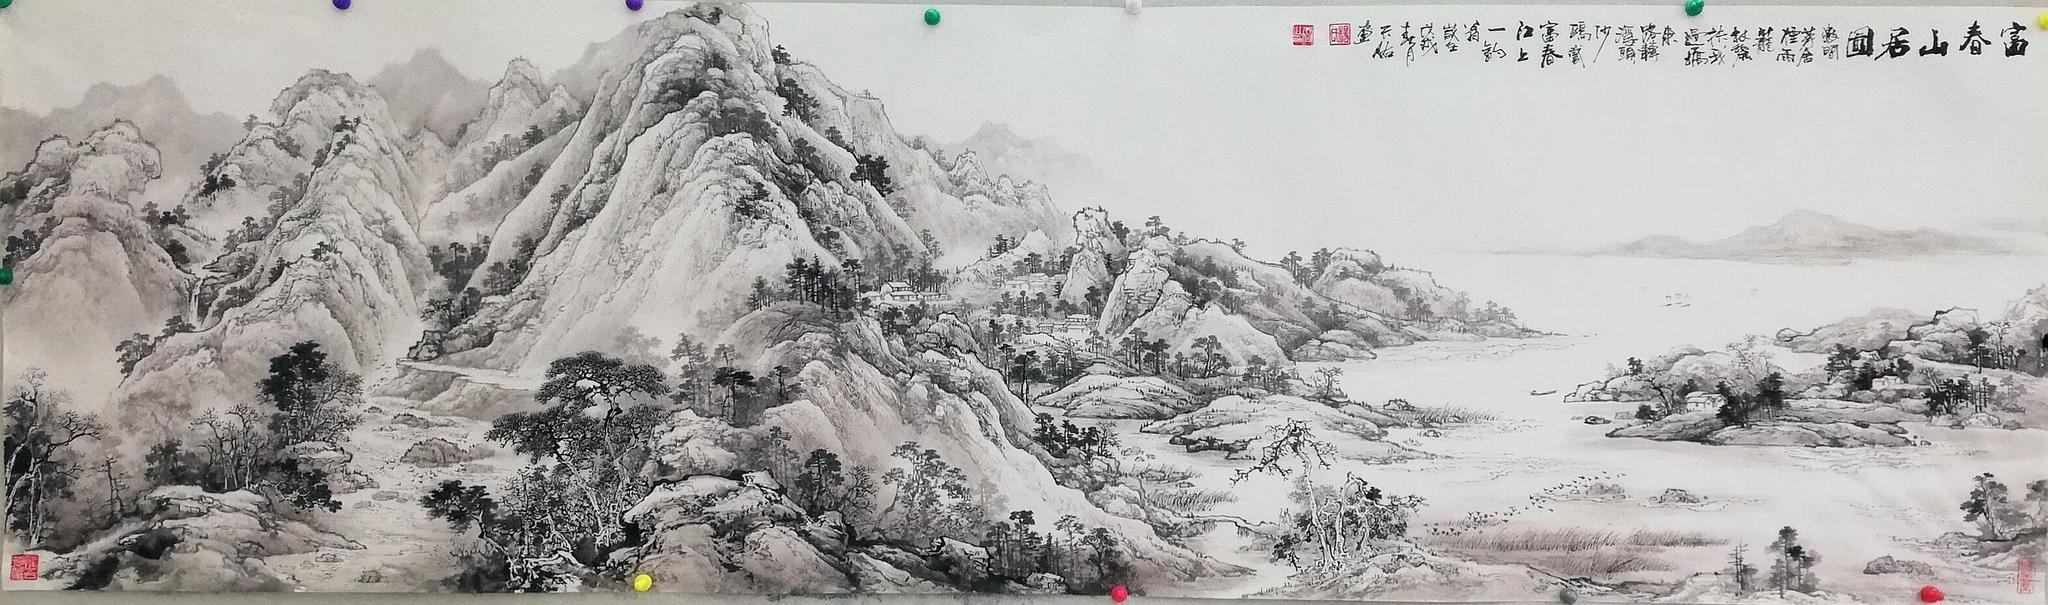 他认真研究古代山水画中的传统笔法,从临摹古代传世山水画中感受古人图片